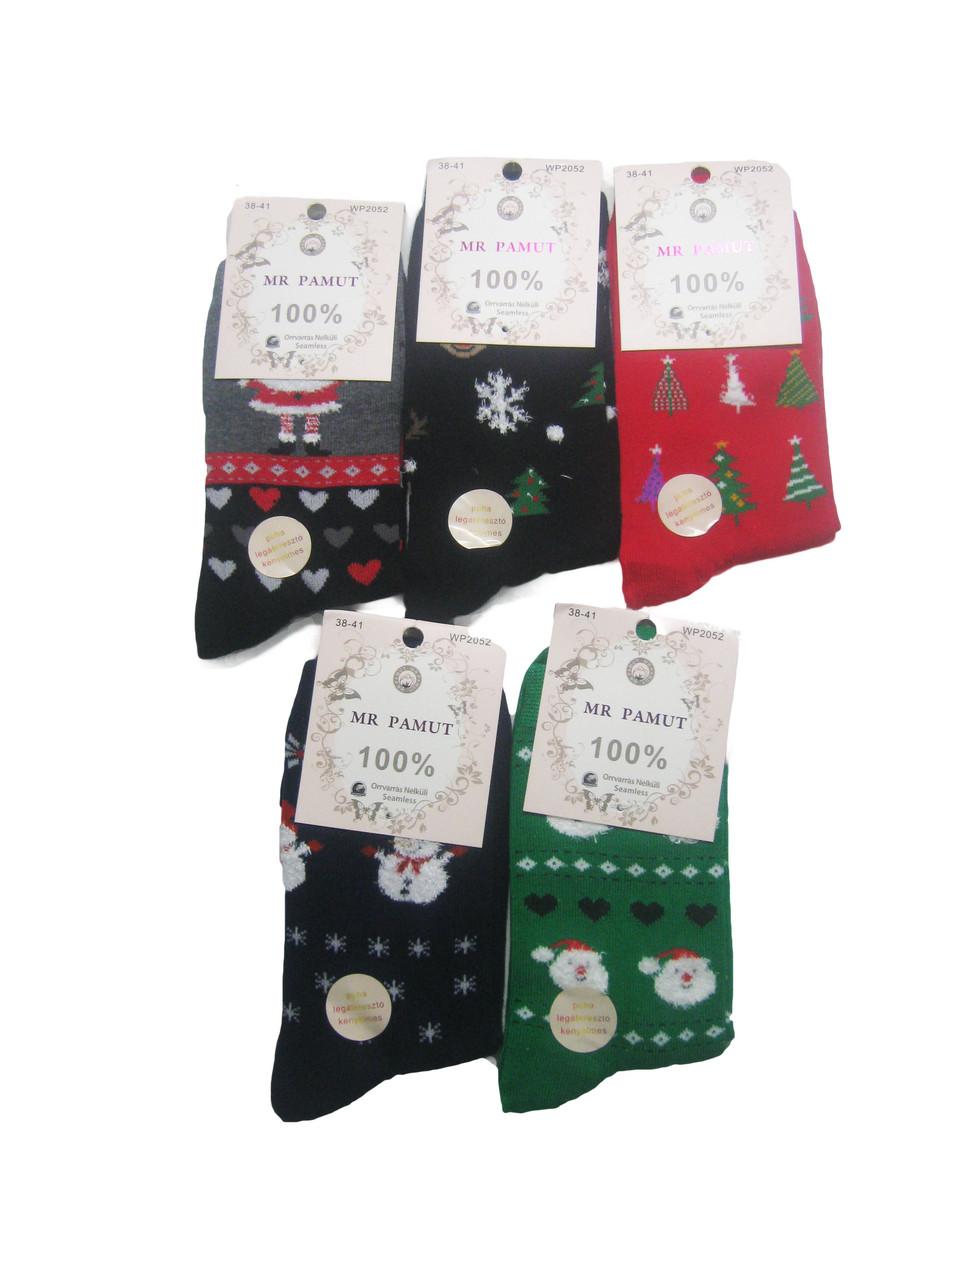 Носки женские новогодние, Mr.Pamut, размеры 35/38,38/41, арт. WP 2052